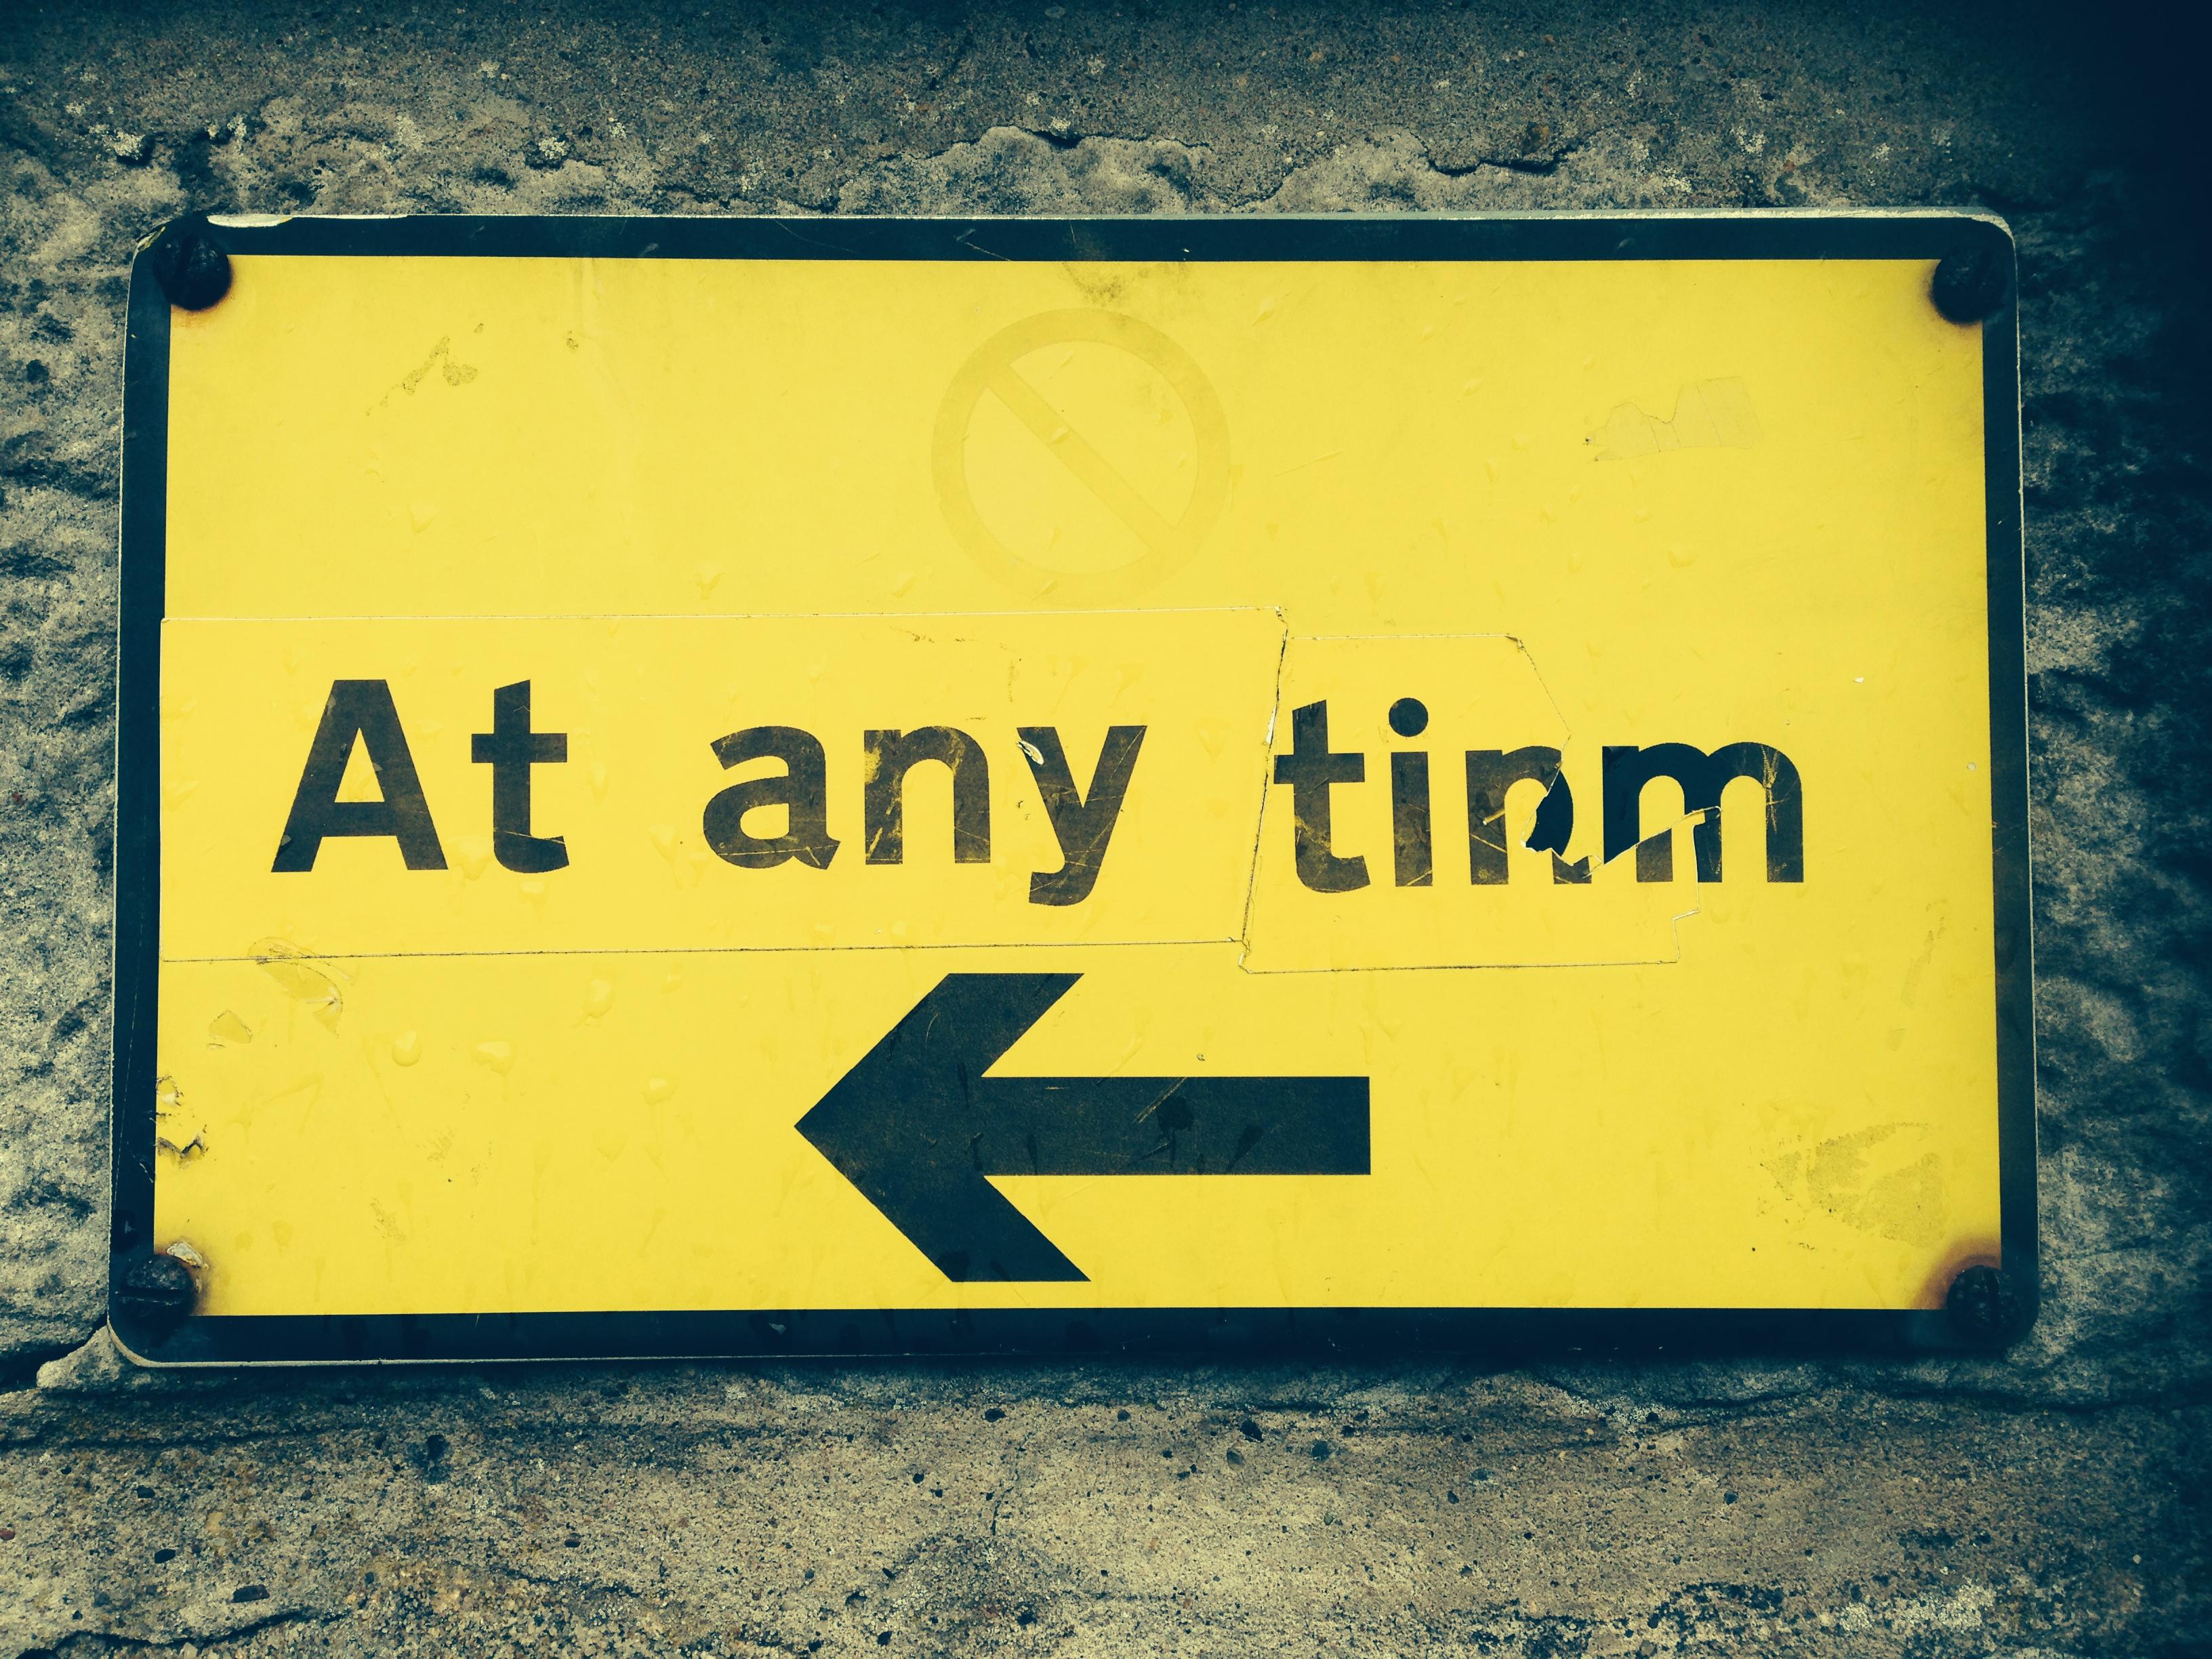 At any tinm